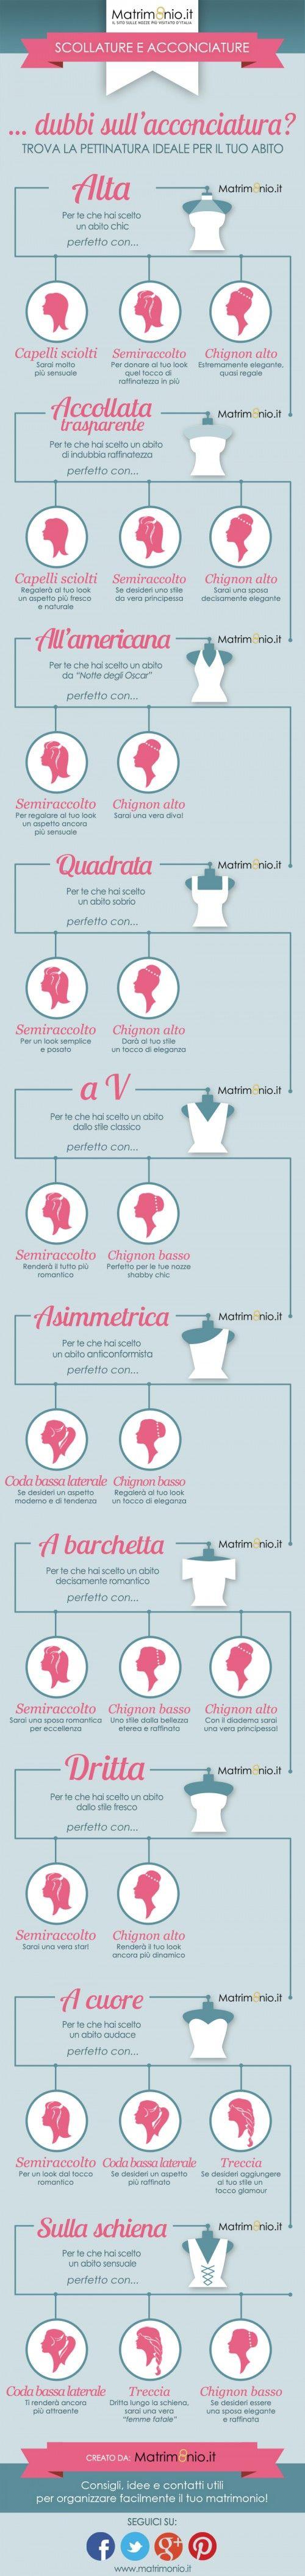 Infografica: come abbinare l'acconciatura all'abito da sposa! | Infographic Love